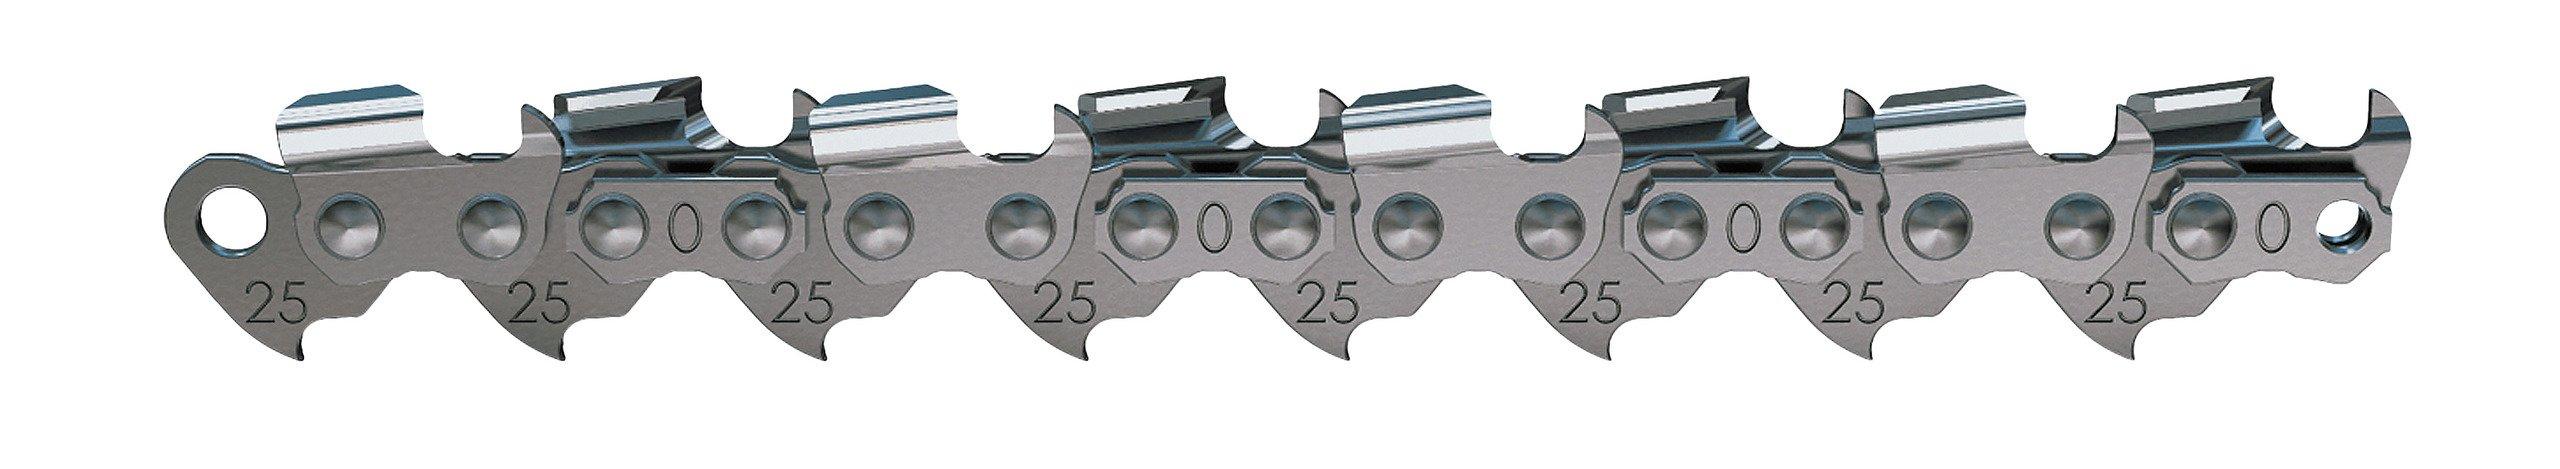 """Dominicus täyshammas carving teräketju 25FH 1/4"""" 1,3mm 86L"""